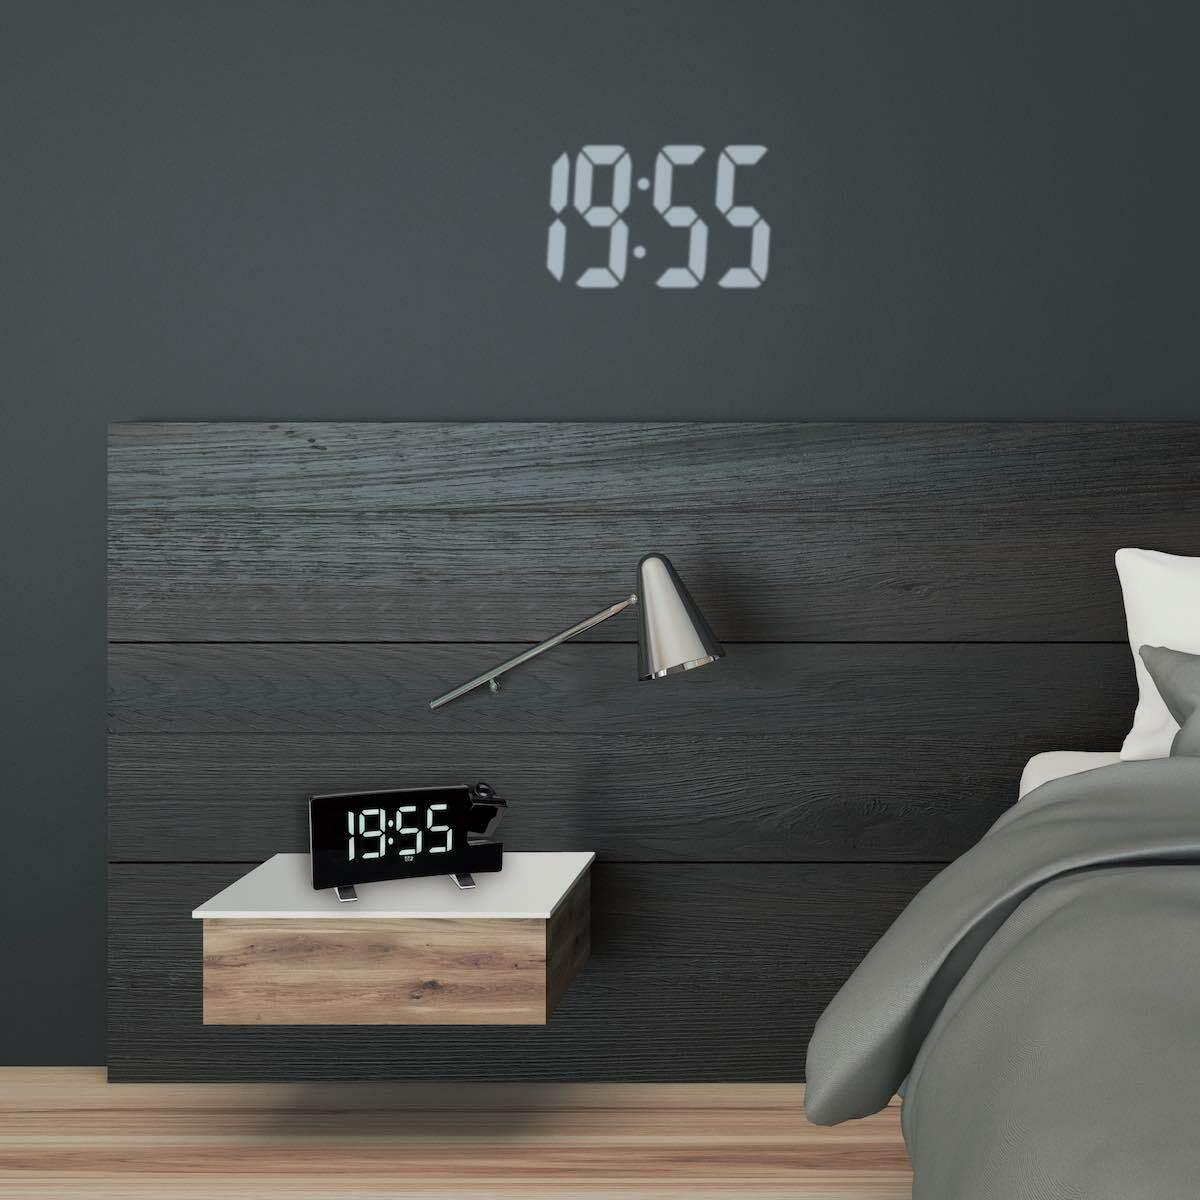 60501502_Schlafzimmer_gra 1200x1200.jpg